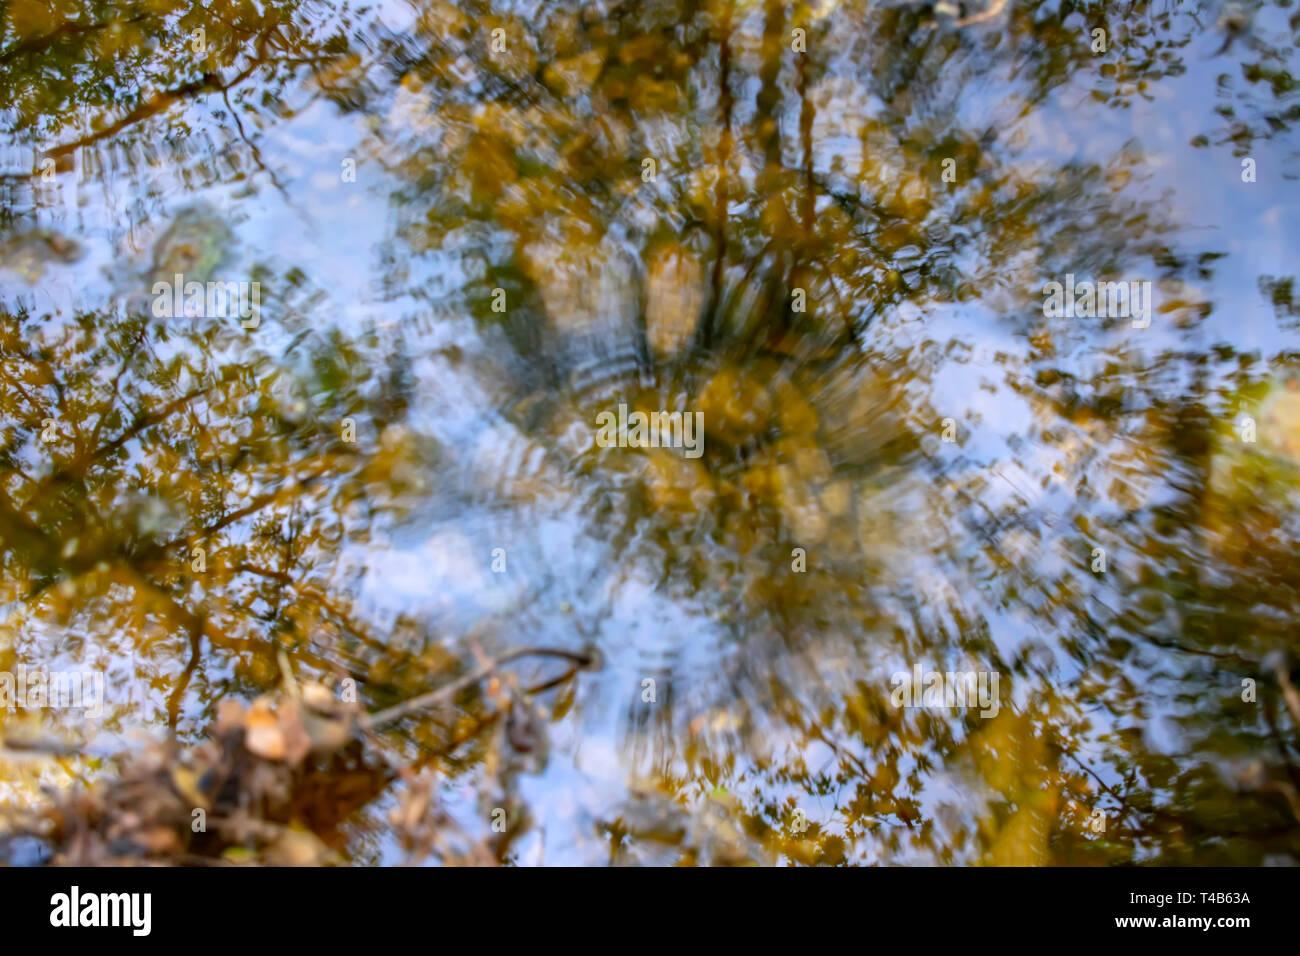 Reflet des arbres dans l'eau d'un ruisseau avec cercles sphériques de tomber la pluie. Paysage Photo Stock